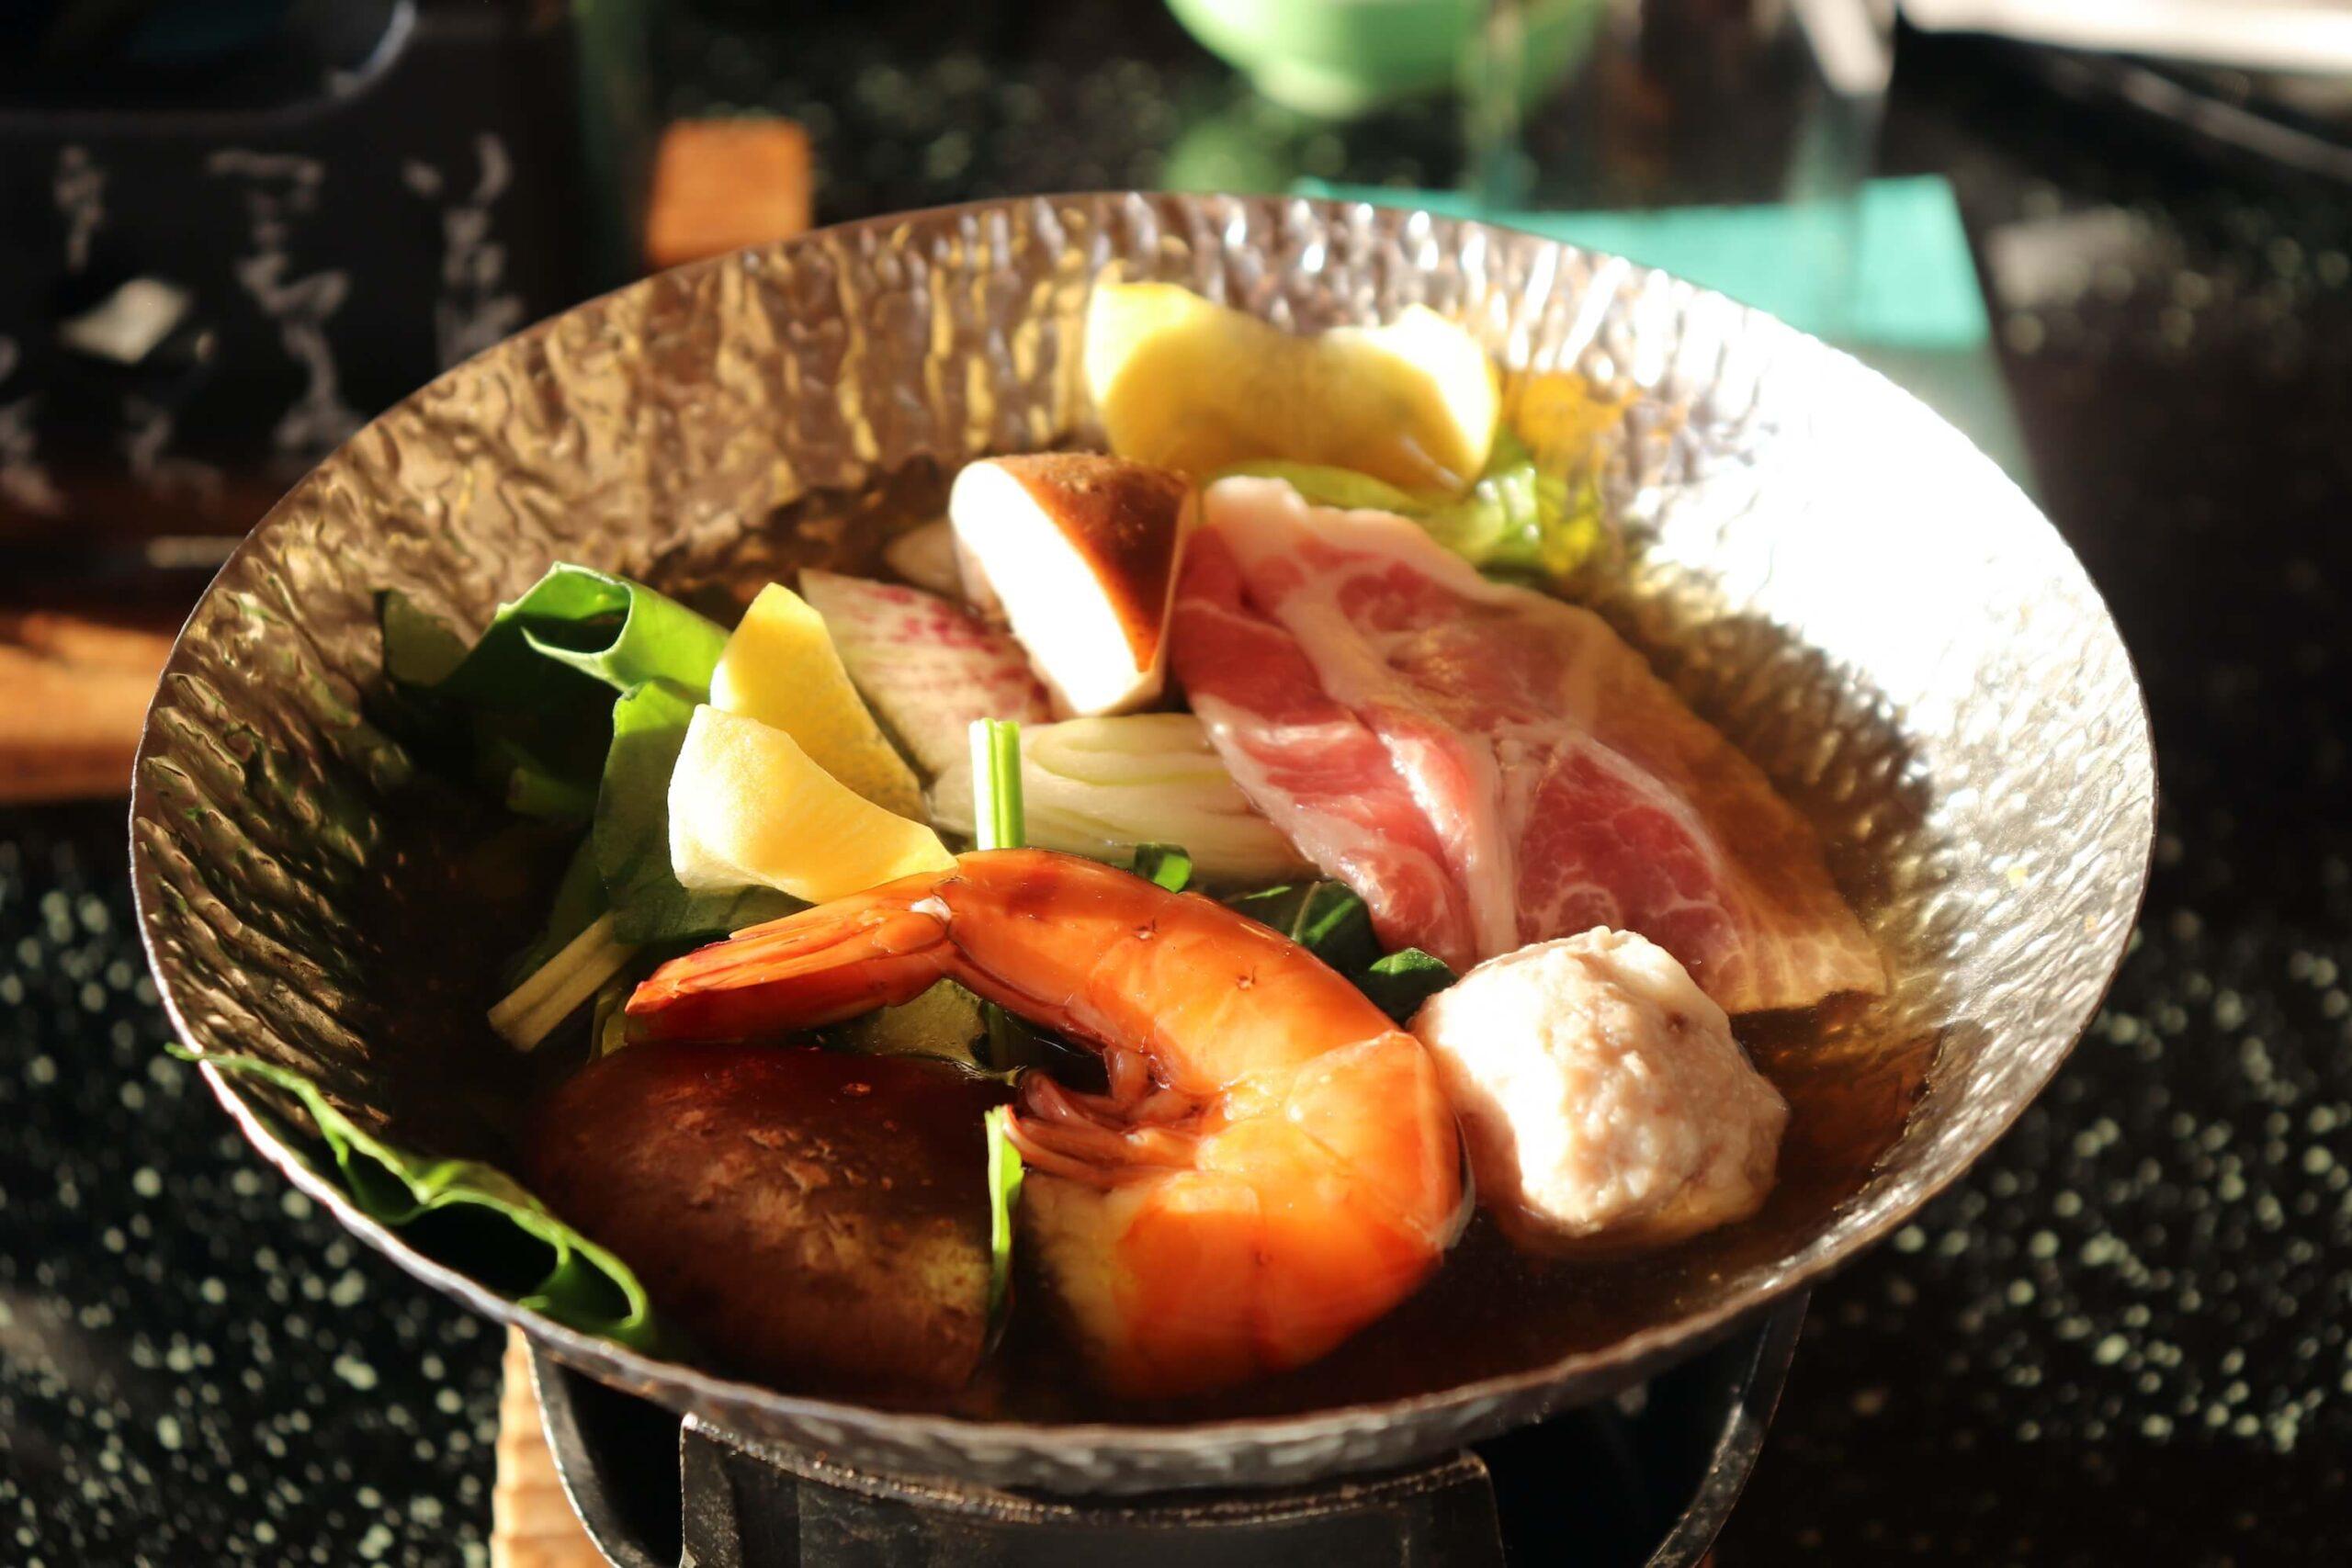 粋松亭の絆会席料理(夕食)の柚子胡椒鍋